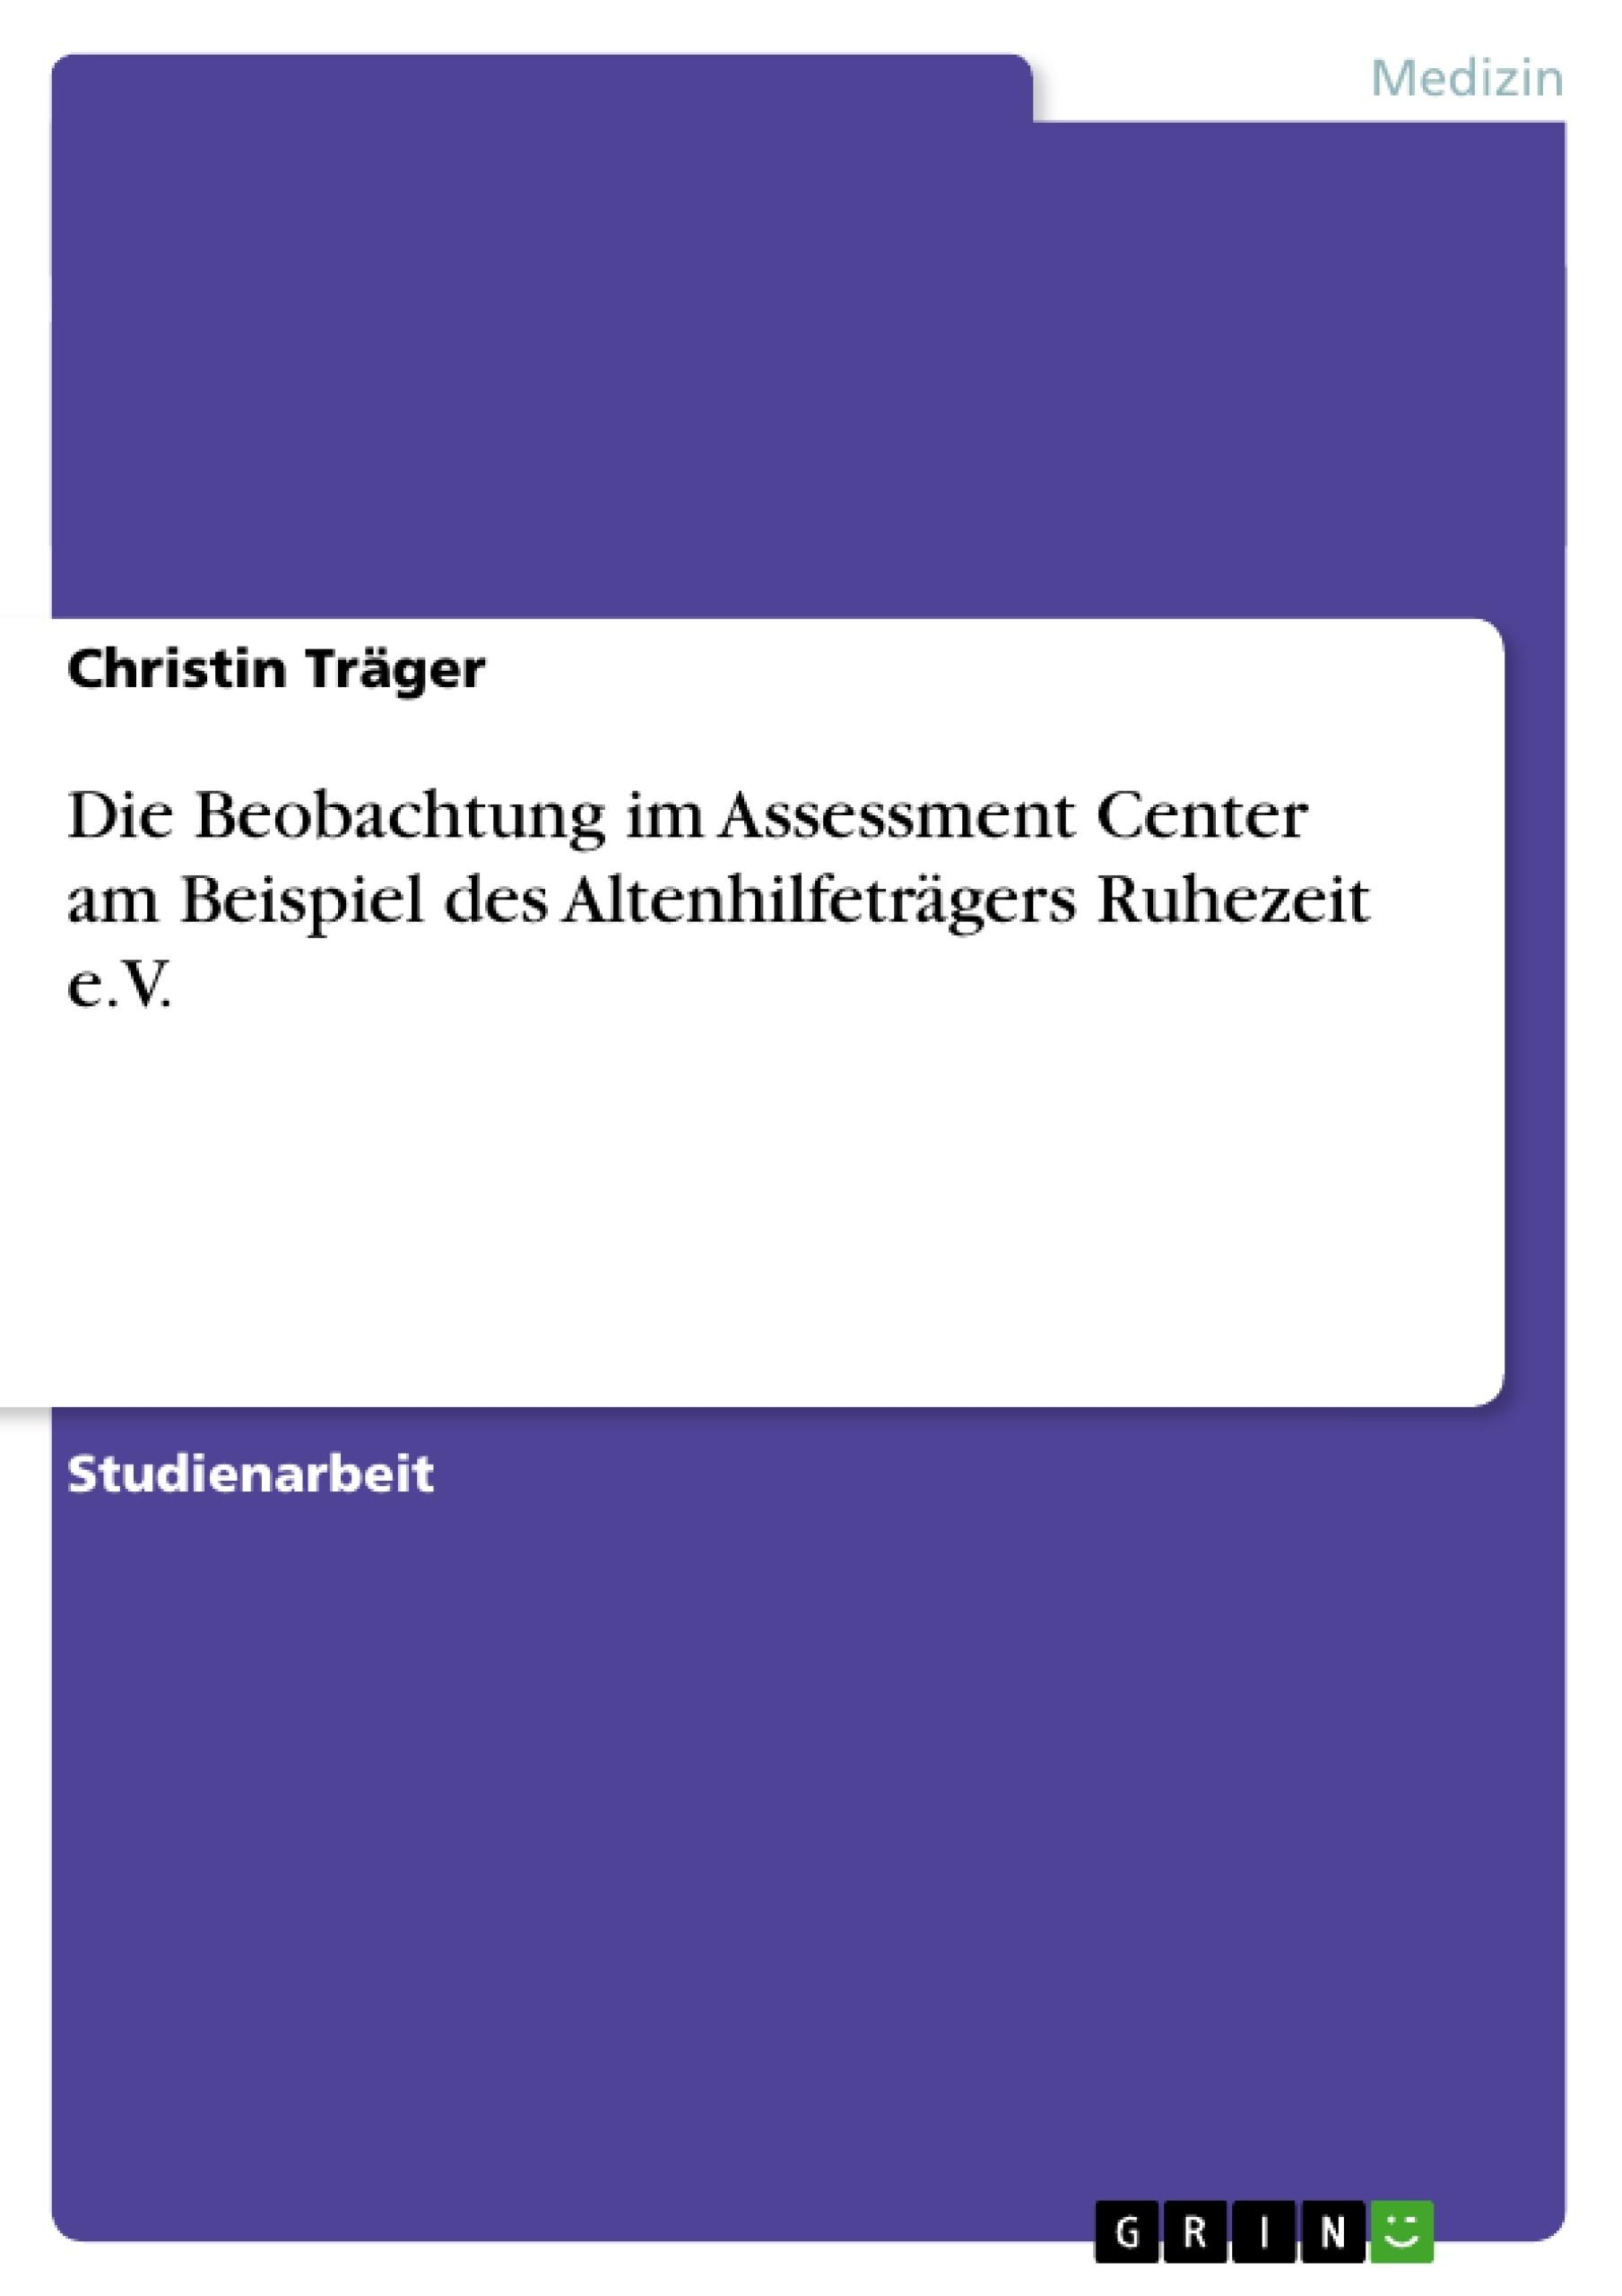 Titel: Die Beobachtung im Assessment Center am Beispiel des Altenhilfeträgers Ruhezeit e.V.